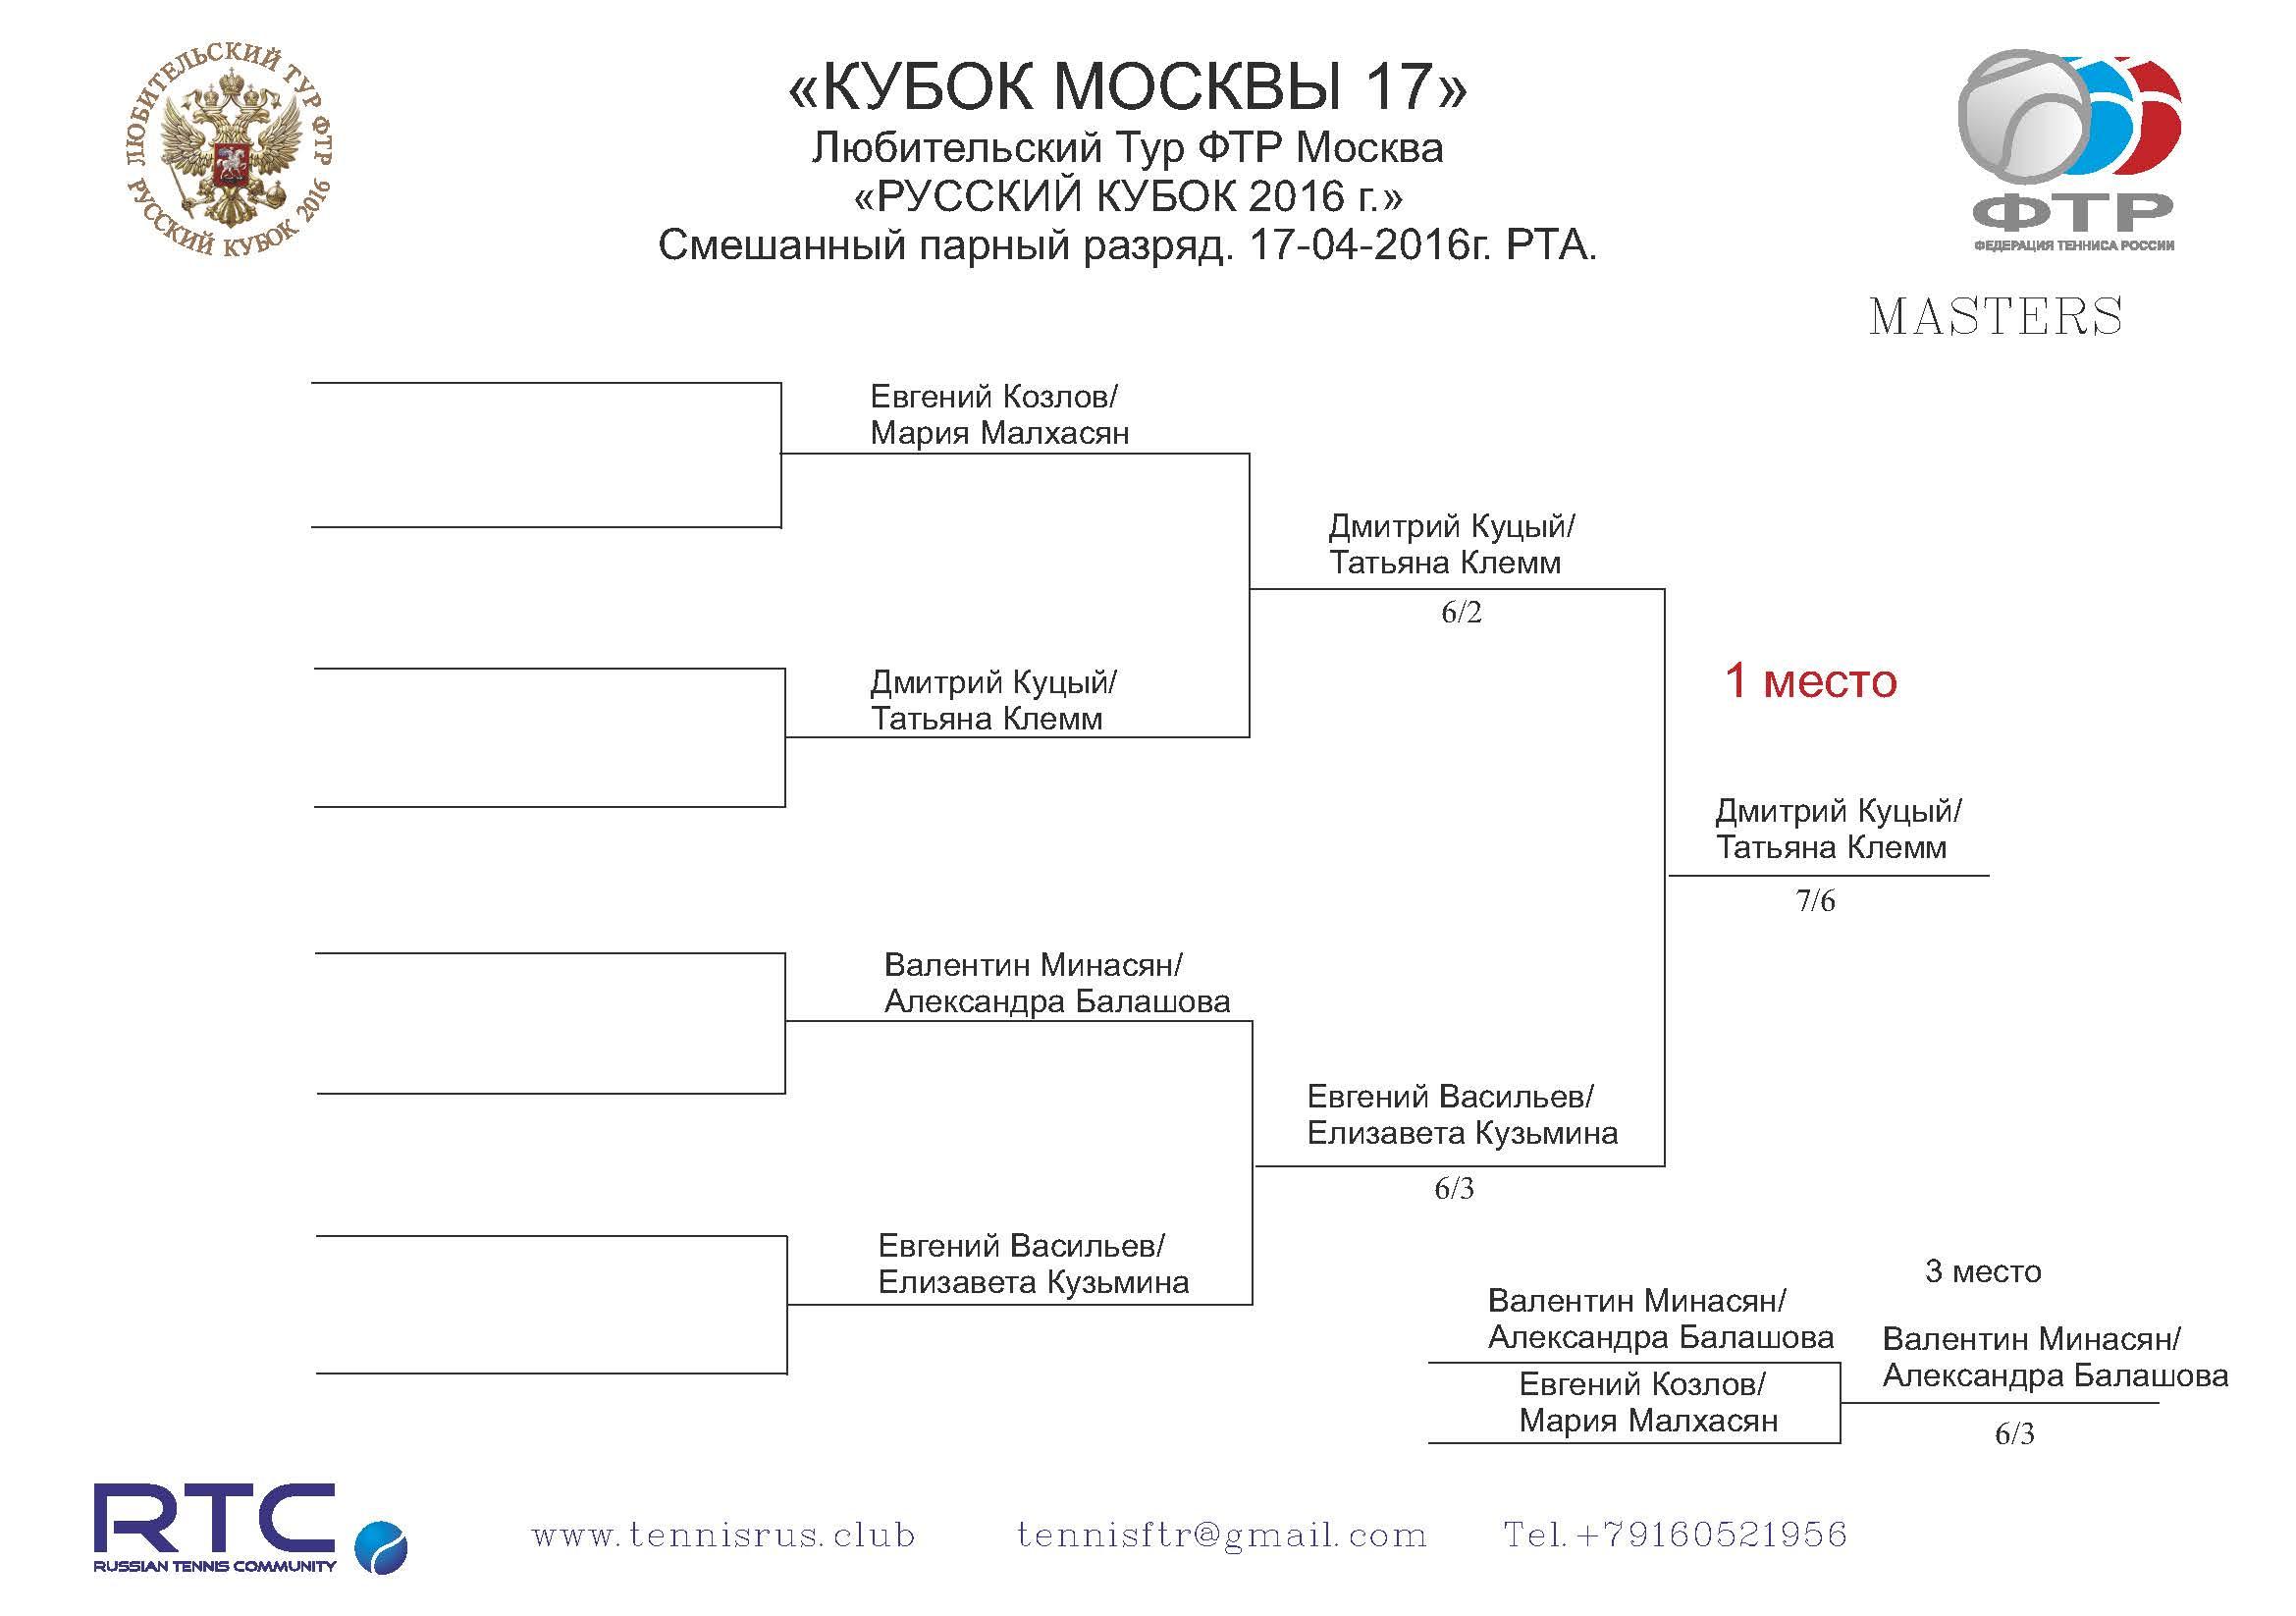 MC 17 2016 mixed Masters NET main